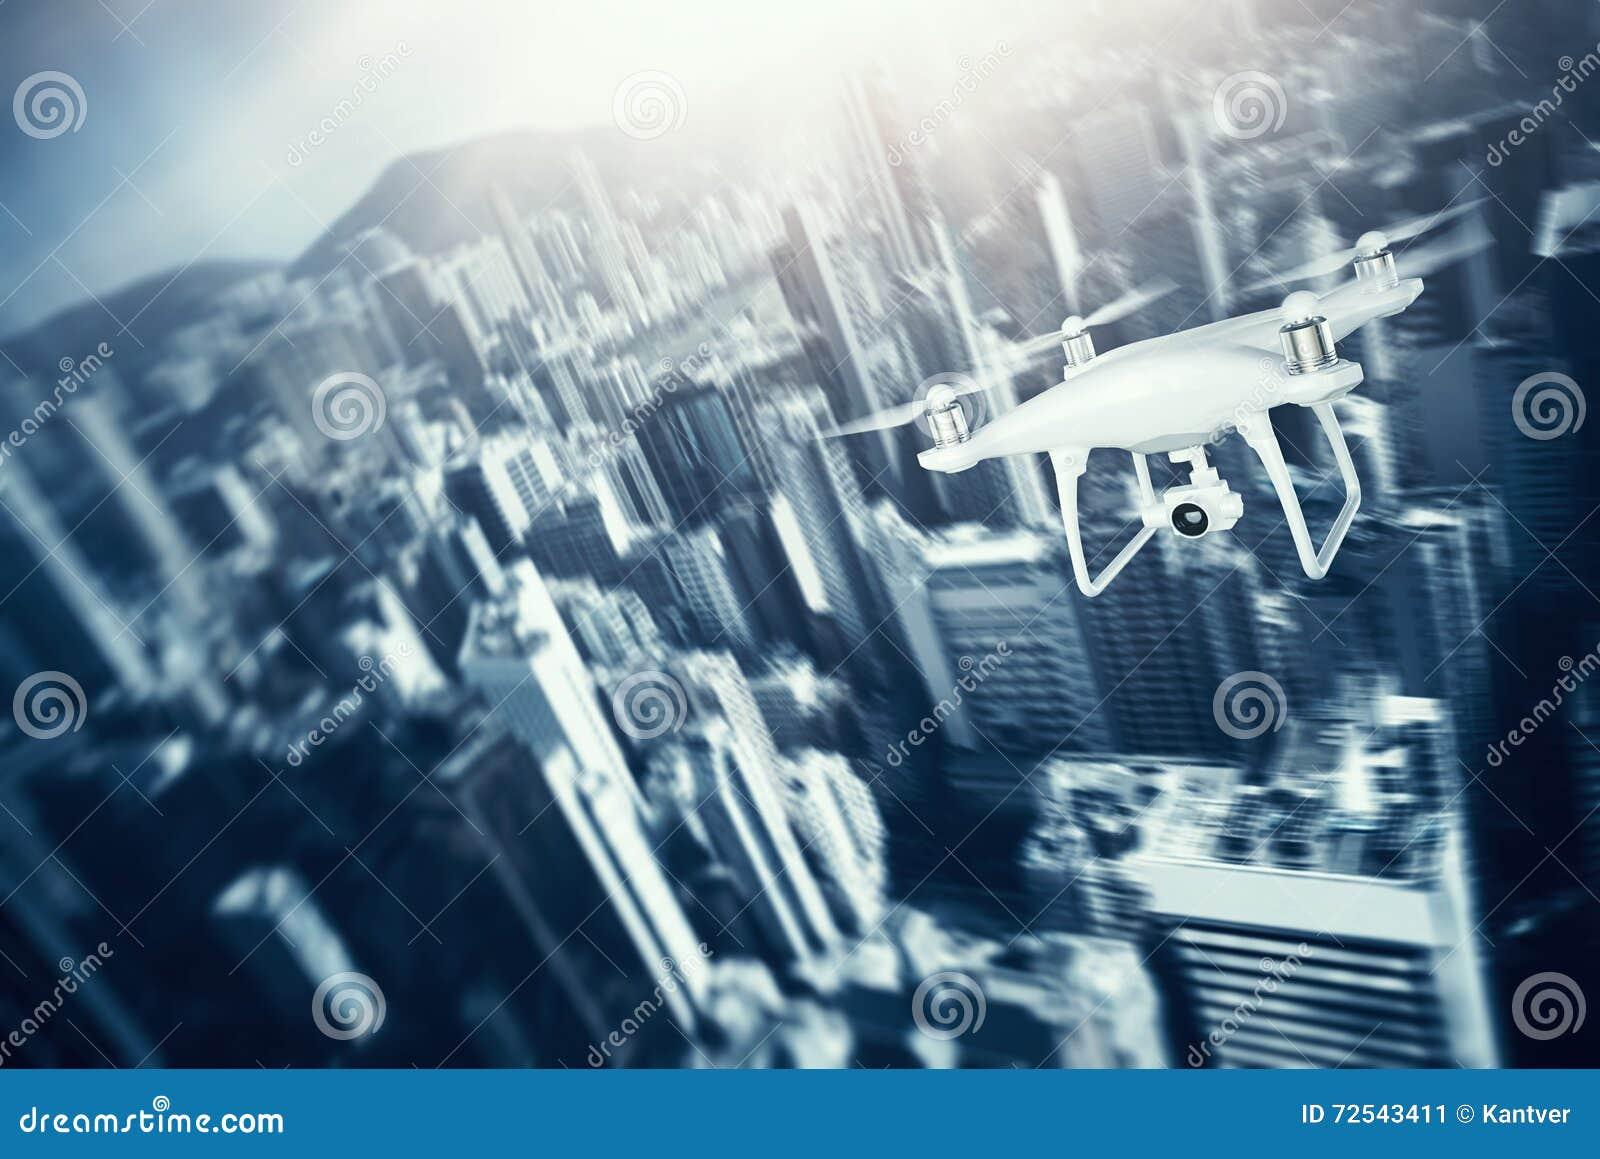 Foto Weißes Matte Generic Design Remote Control Luft Brummen Mit